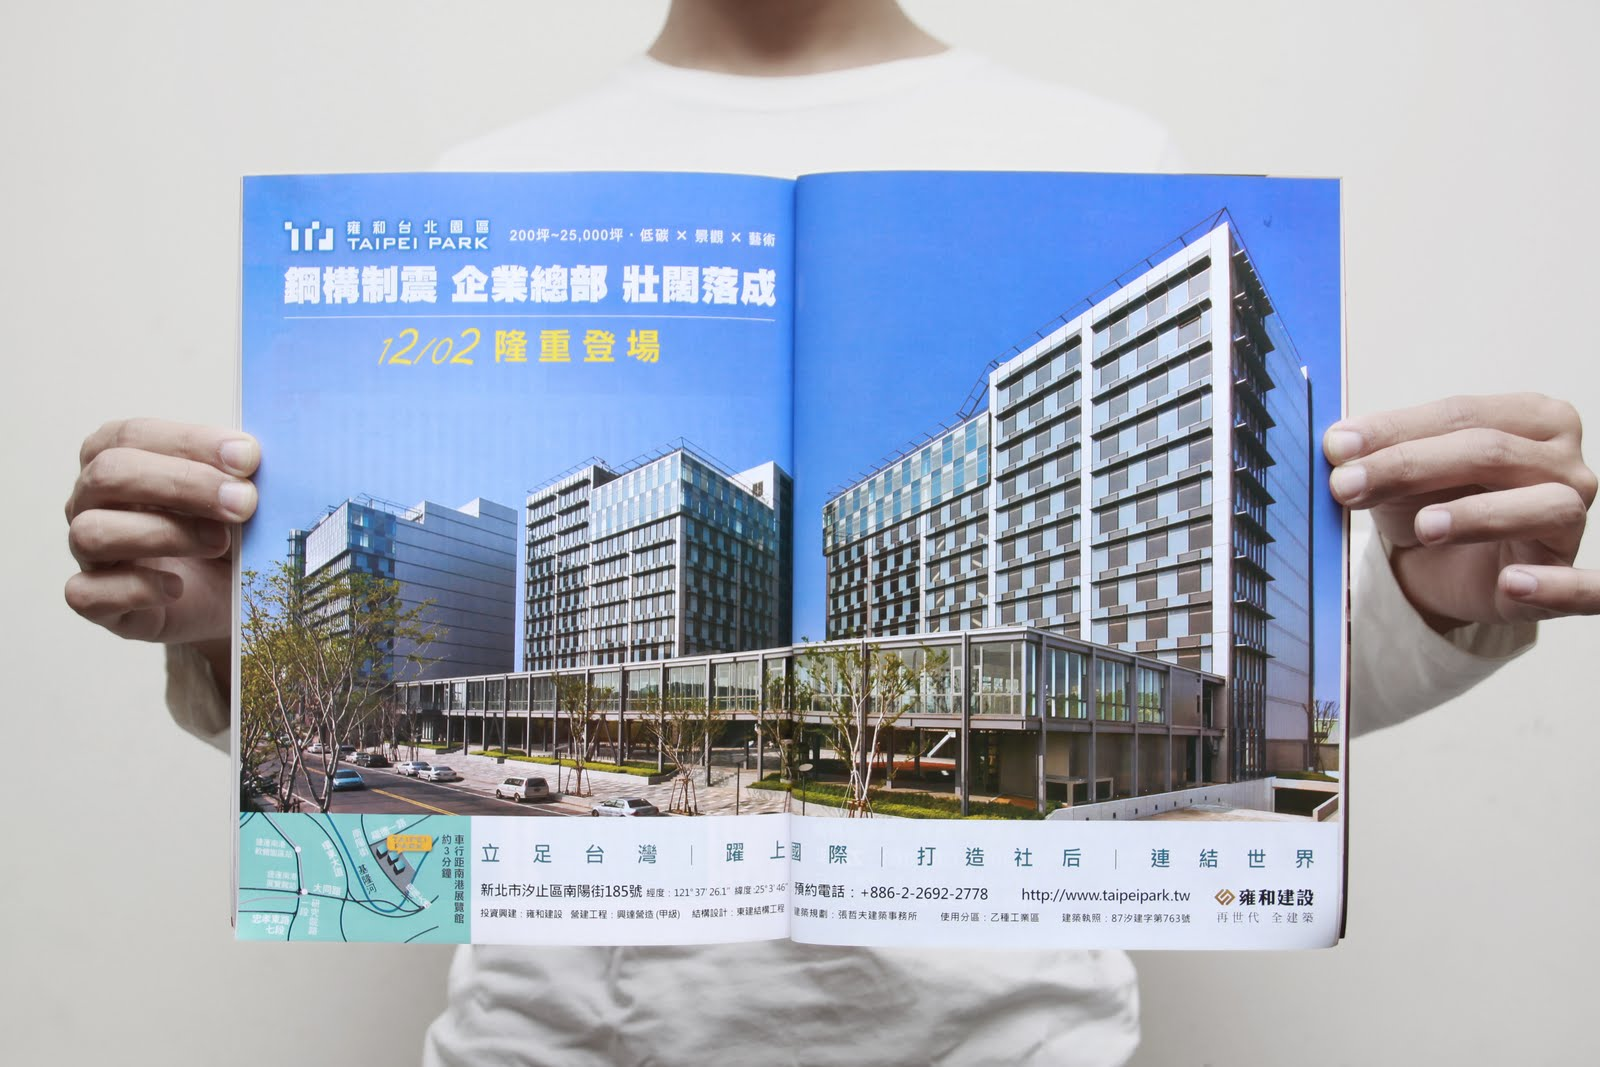 雍和建設報紙廣告設計-財訊雙周刊No.386 by MUMULab.com